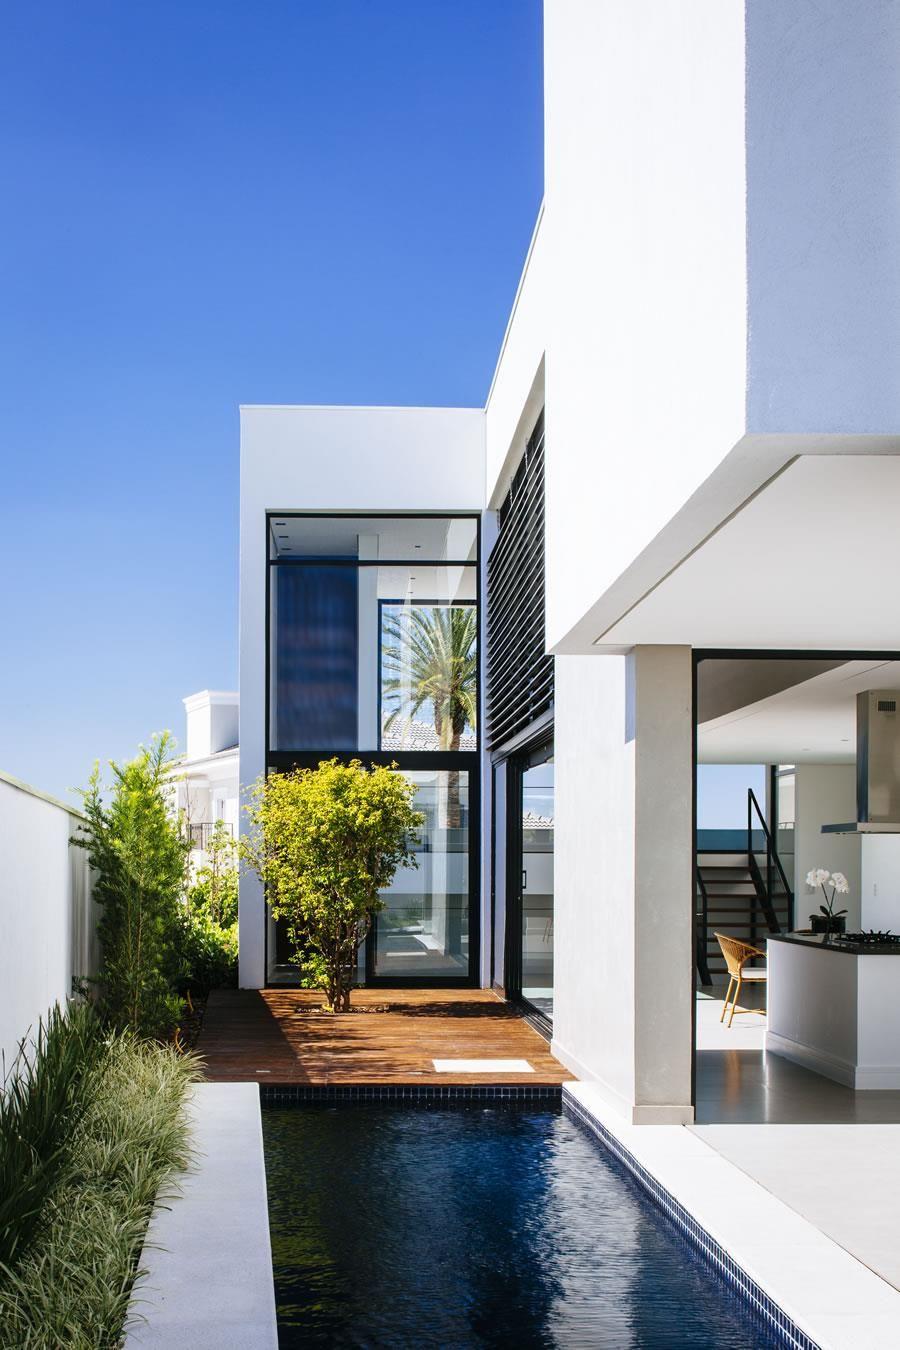 Galeria da Arquitetura | Casa Guaiume - Recursos naturais como sol, vento, iluminação e água da chuva movem a Casa Guaiume, uma construção bioclimática marcada pela contemporaneidade